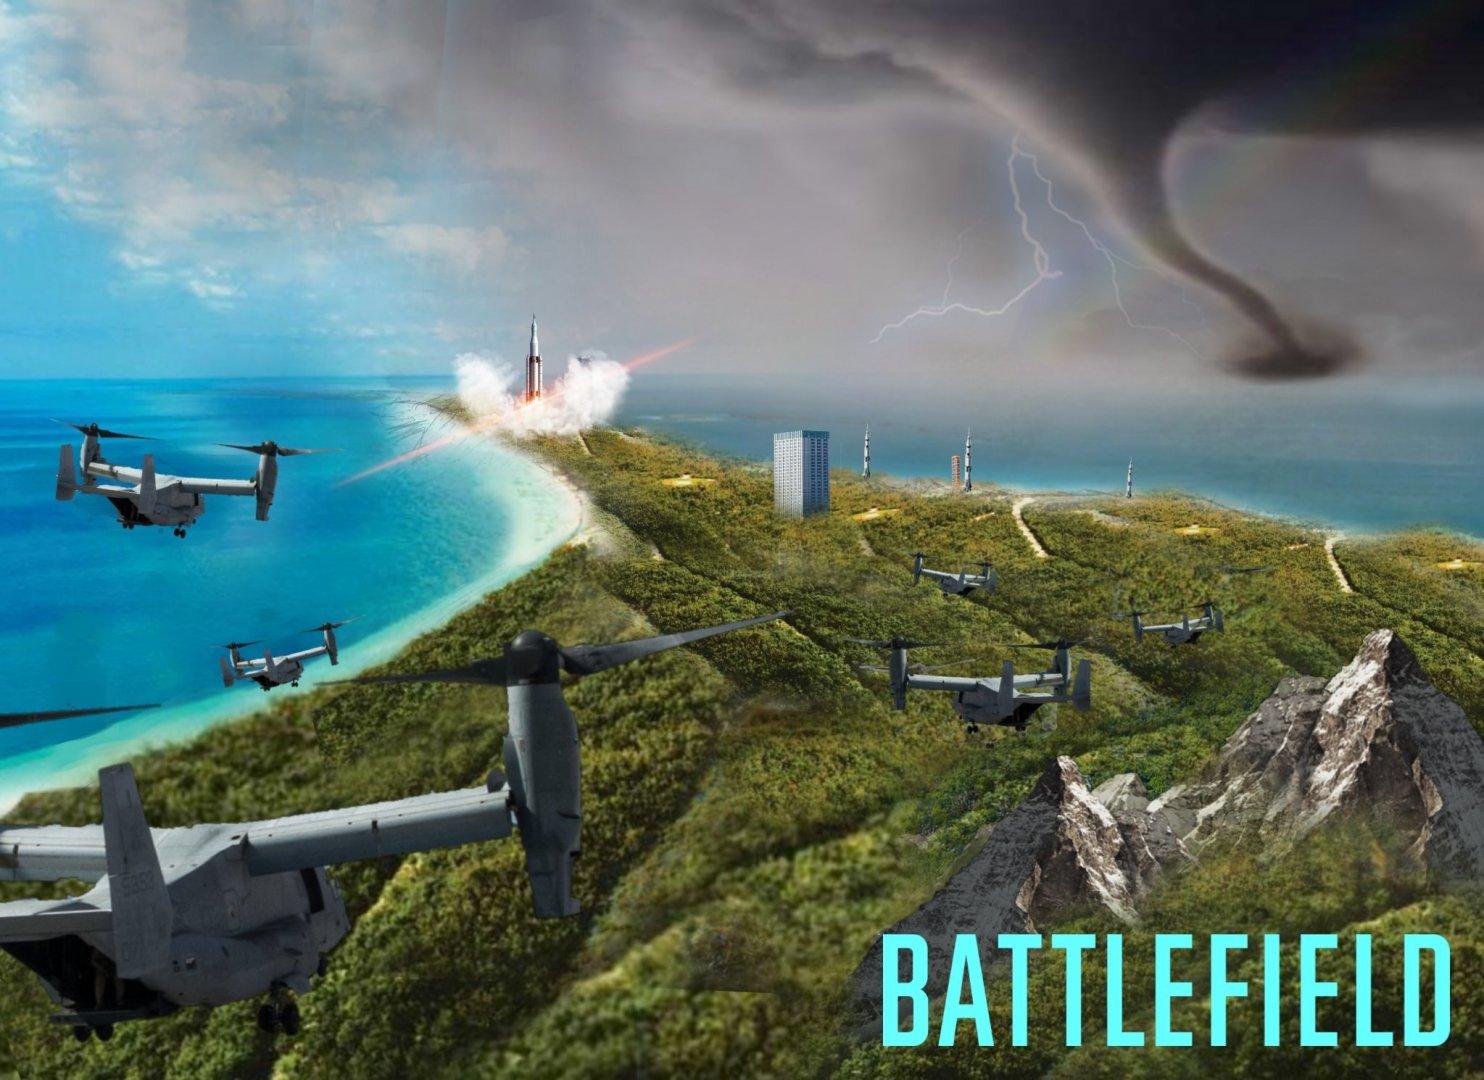 Battlefield 6 fan image